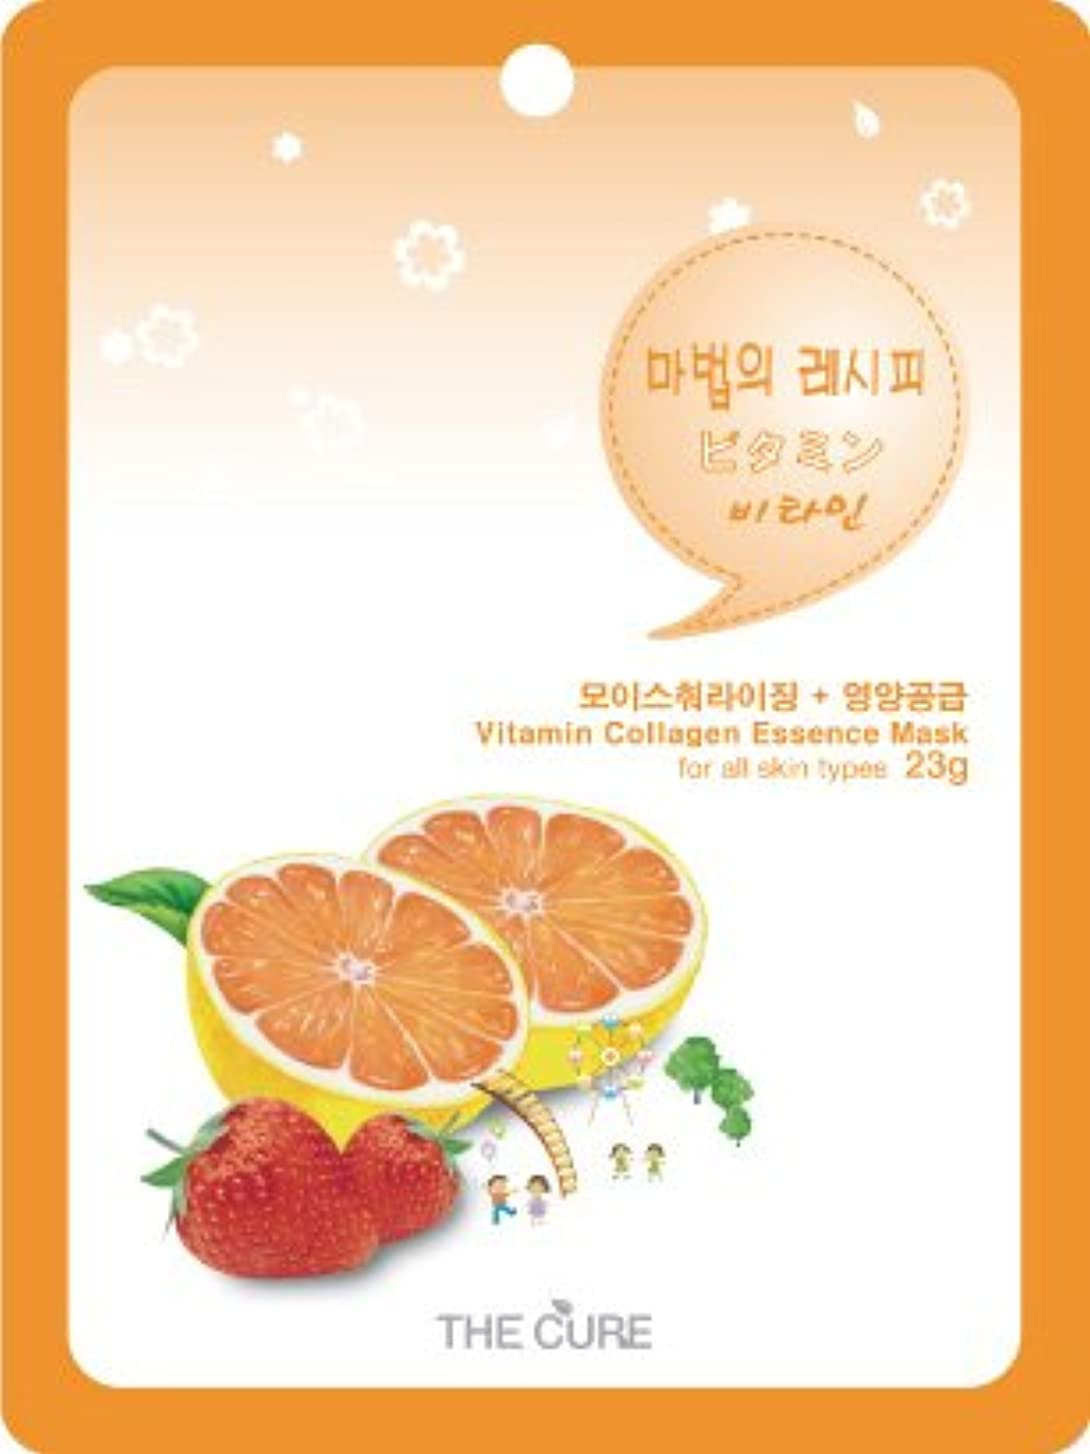 古代素朴な番目ビタミン コラーゲン エッセンス マスク THE CURE シート パック 10枚セット 韓国 コスメ 乾燥肌 オイリー肌 混合肌